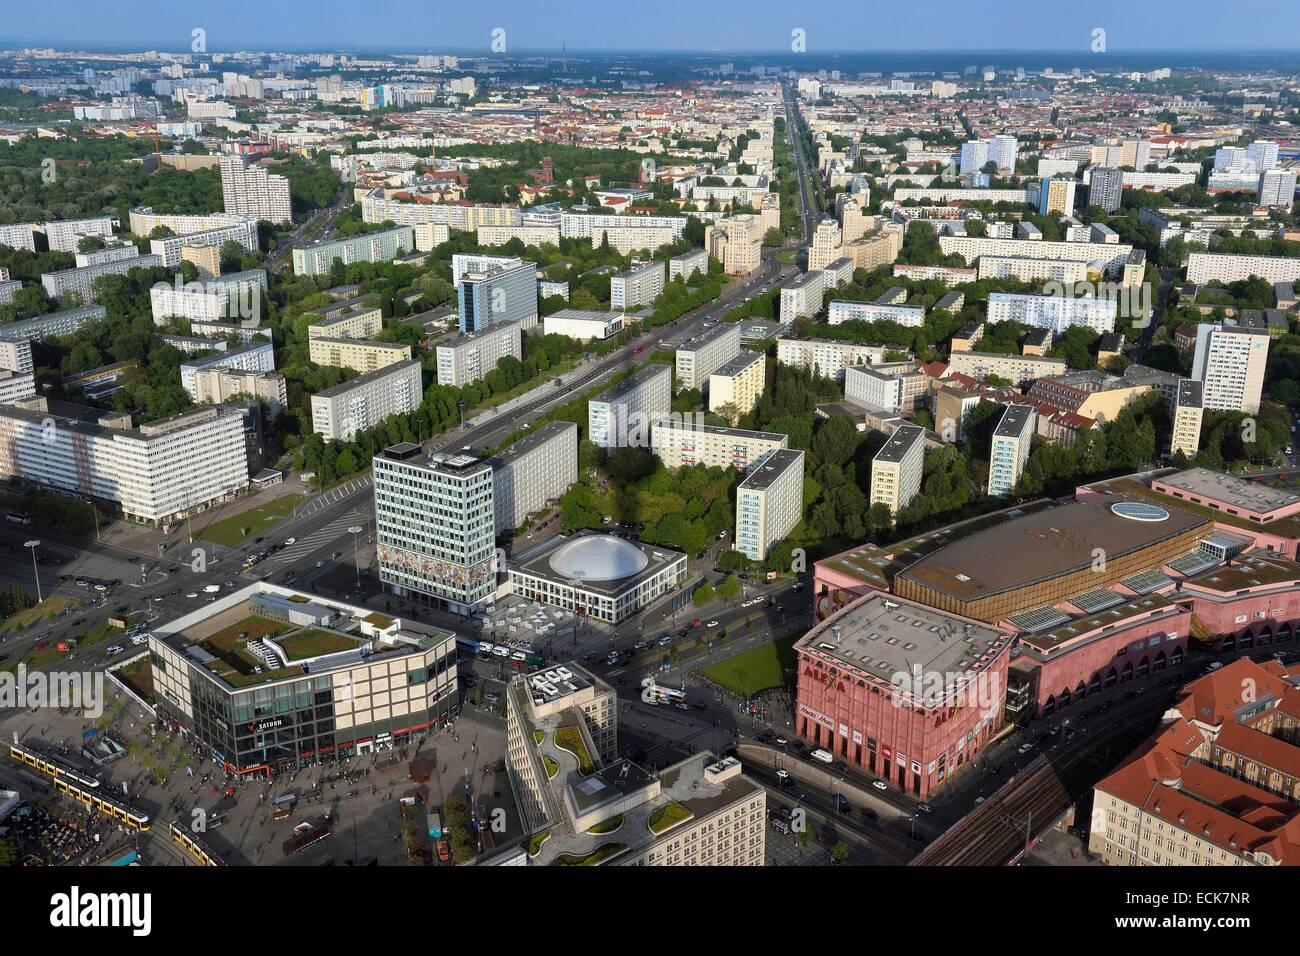 Deutschland, Berlin, Berlin-Mitte, Alexanderplatz im Vordergrund, Karl-Marx-Allee ist die größte Arterie des Landes Stockfoto